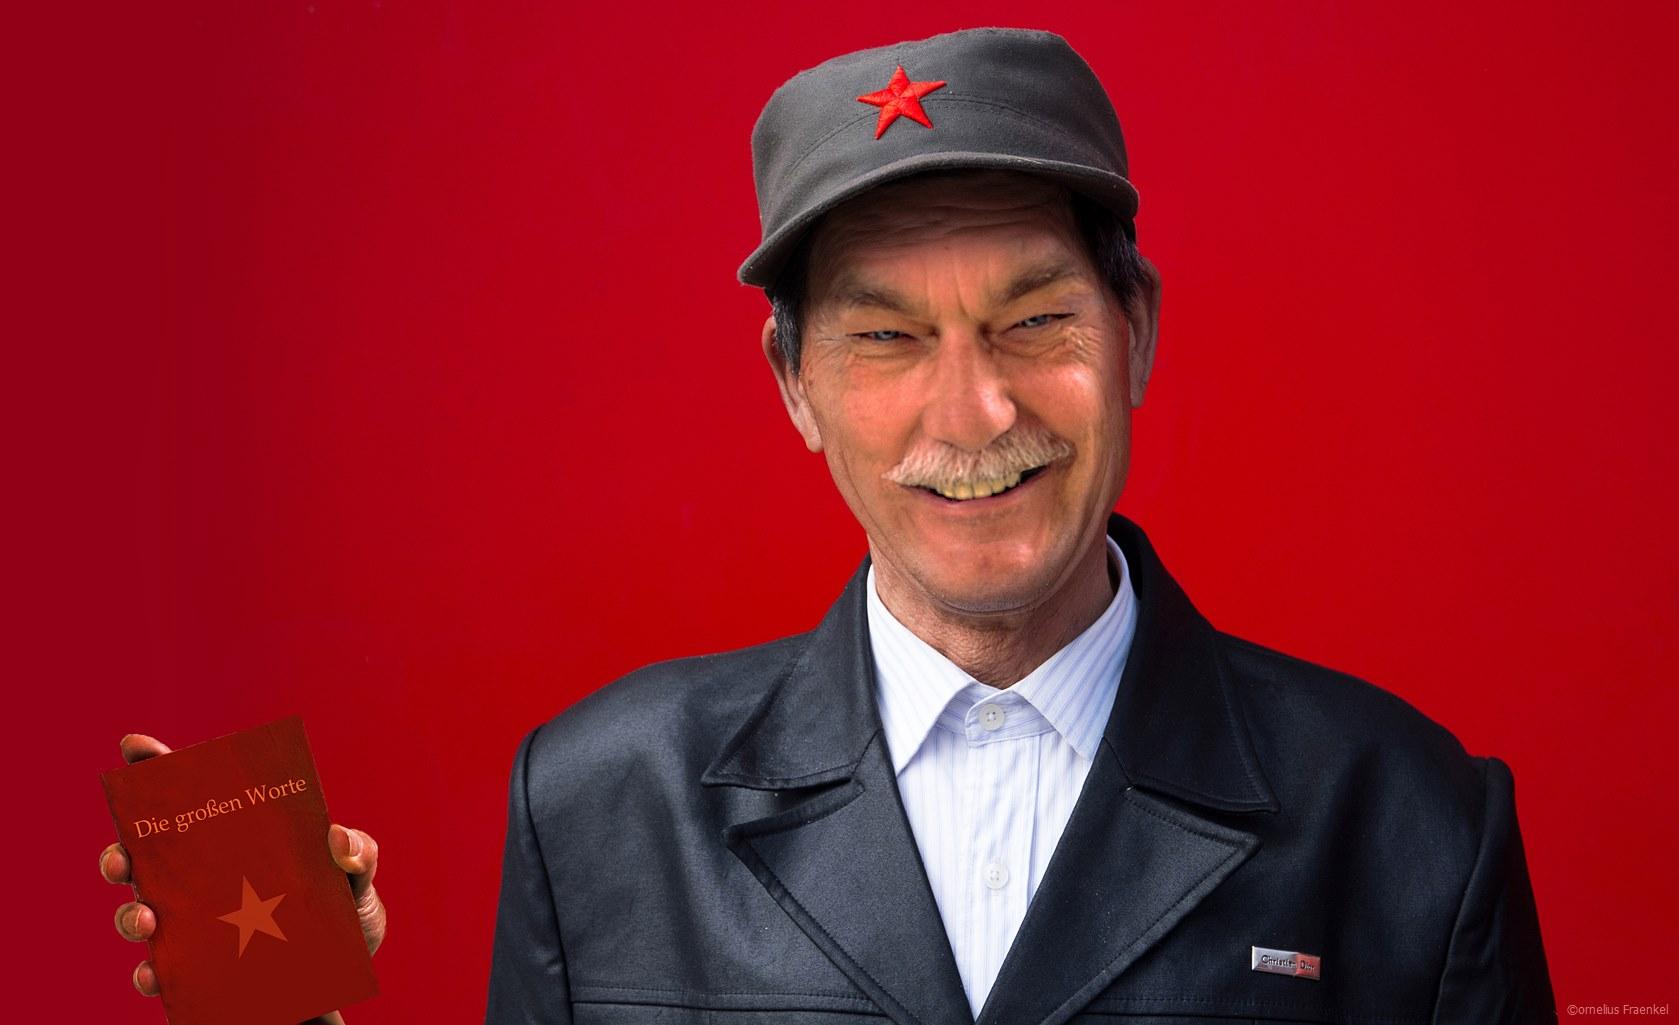 Der freundliche Maoist von nebenan